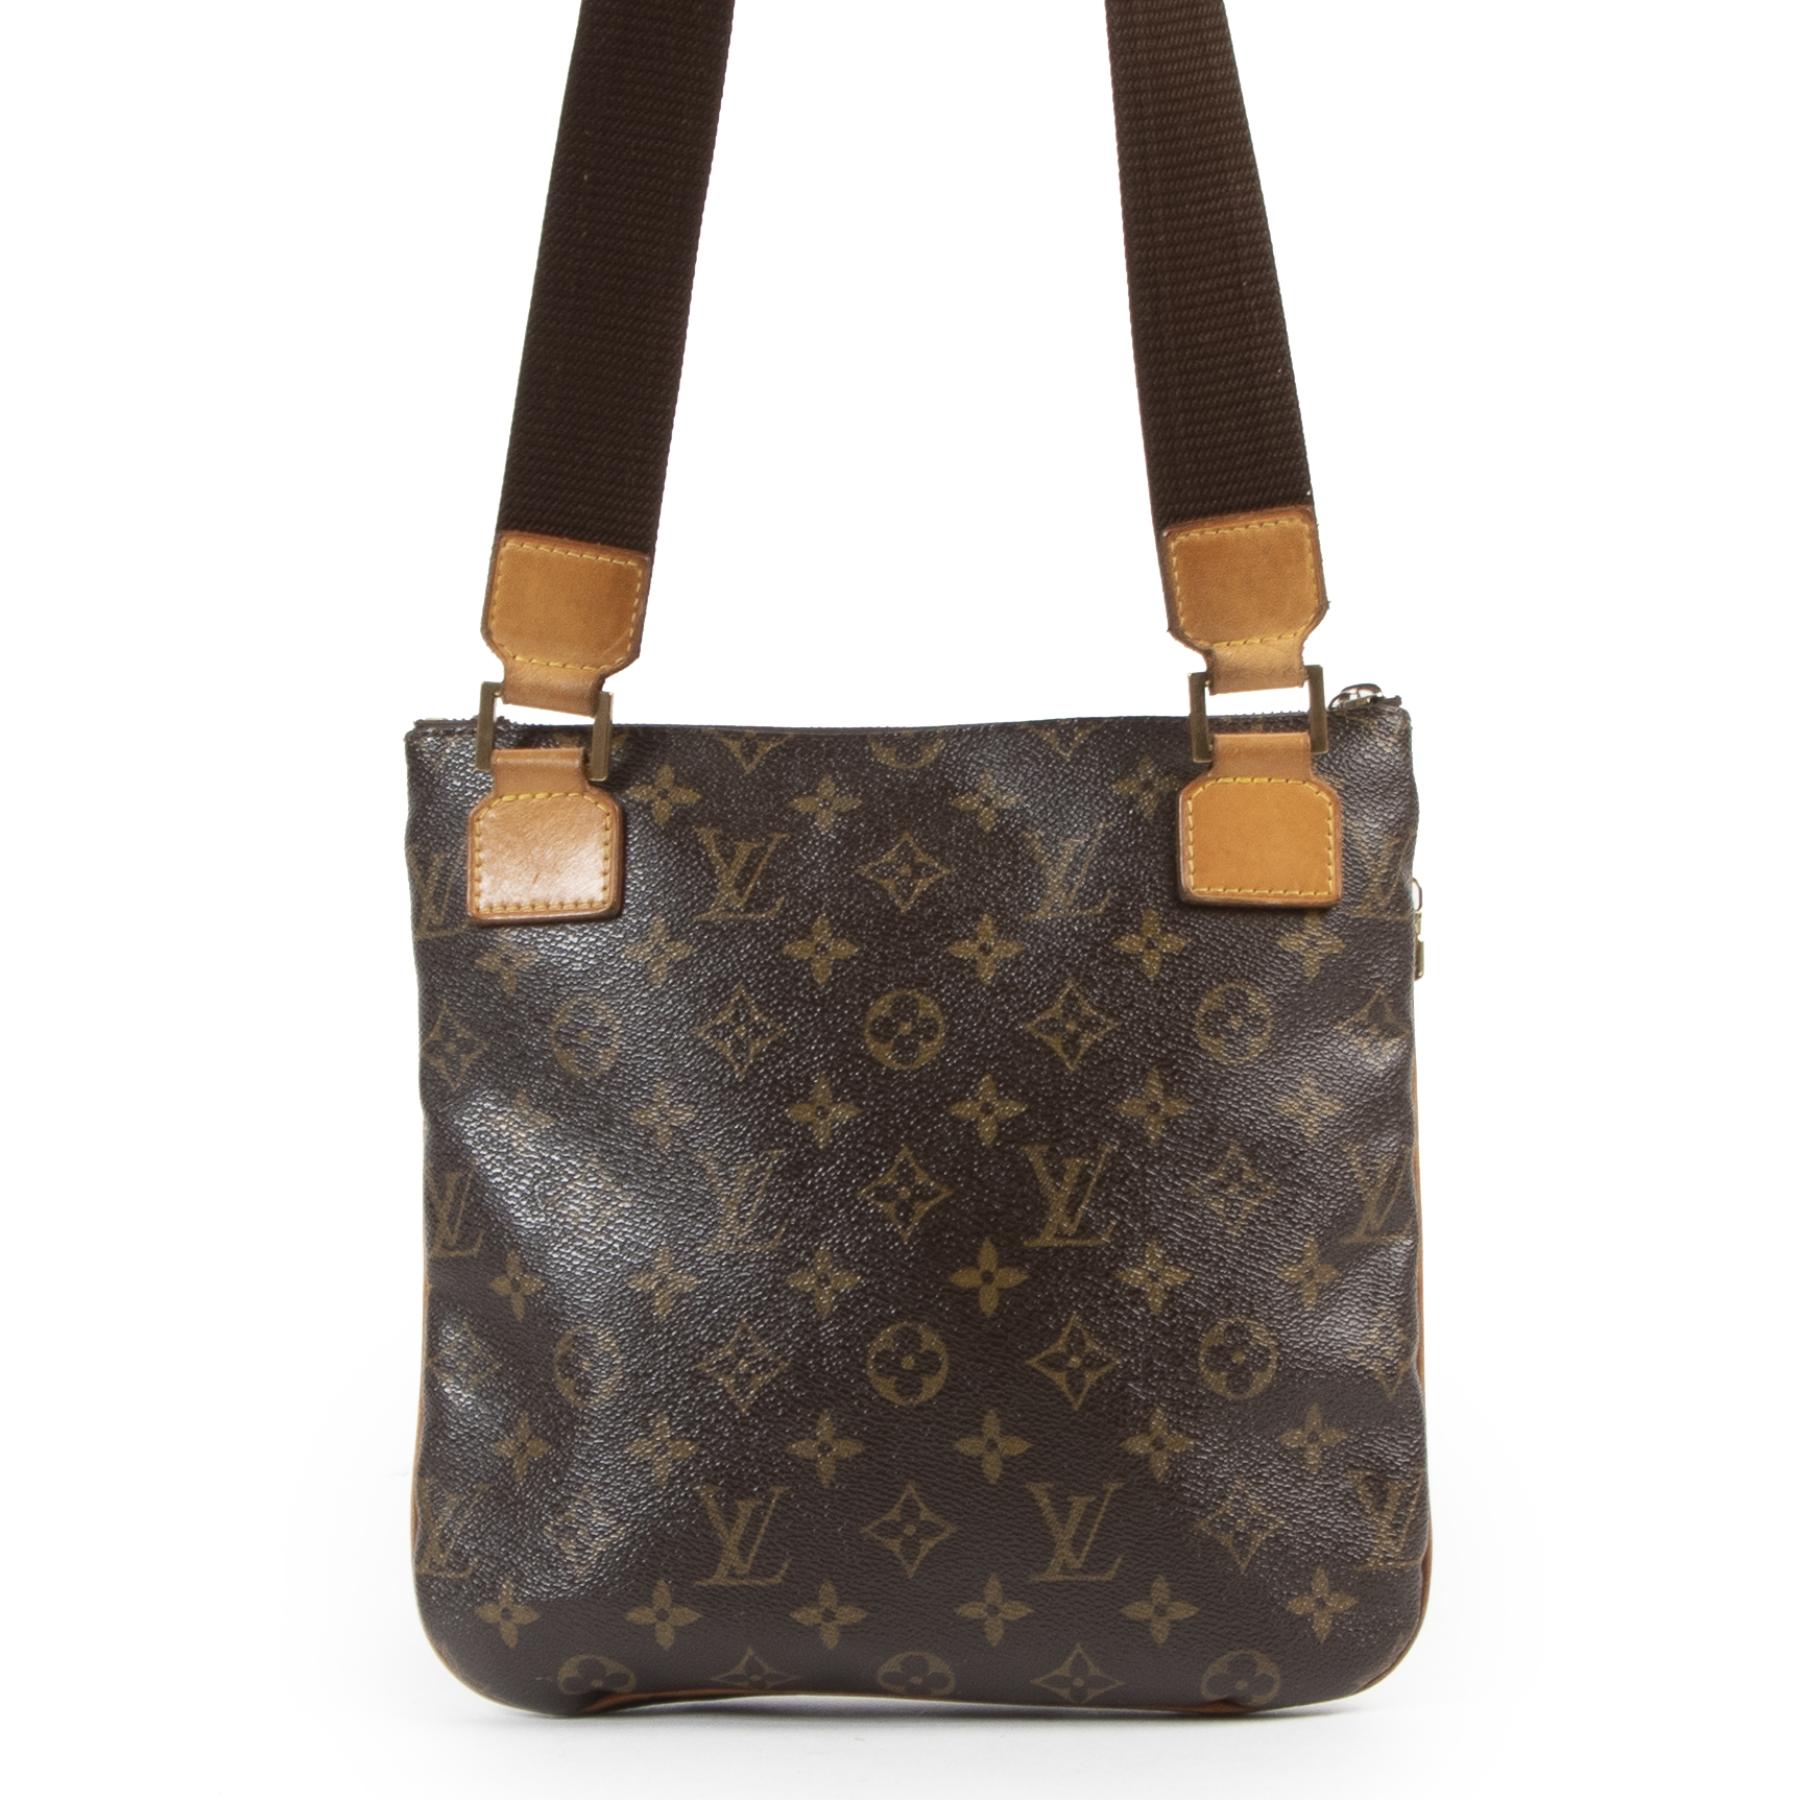 Authentieke Tweedehands Louis Vuitton Monogram Canvas Bosphore Messenger Bag juiste prijs veilig online shoppen luxe merken webshop winkelen Antwerpen België mode fashion